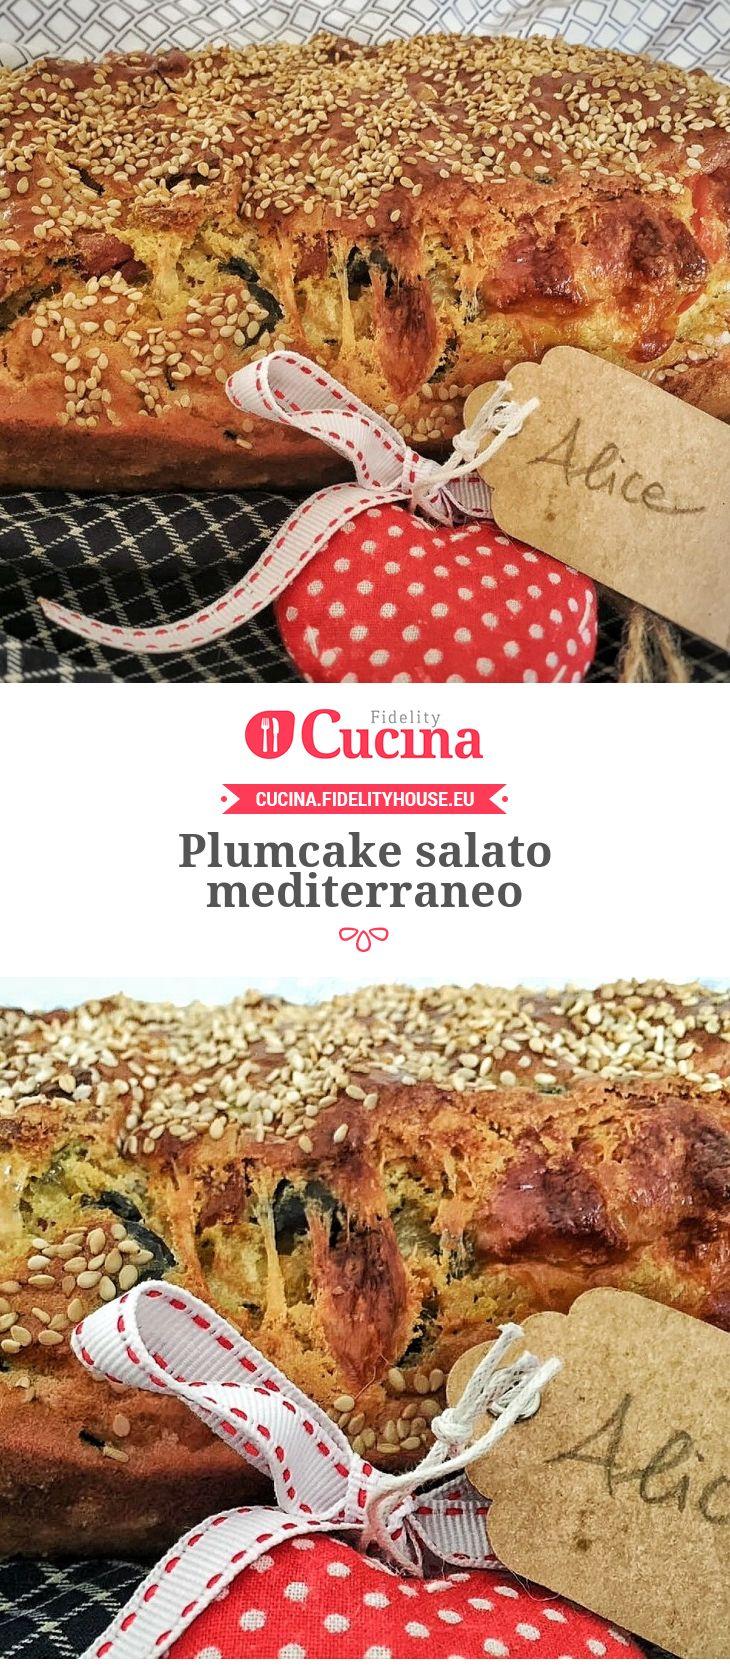 Plumcake salato mediterraneo